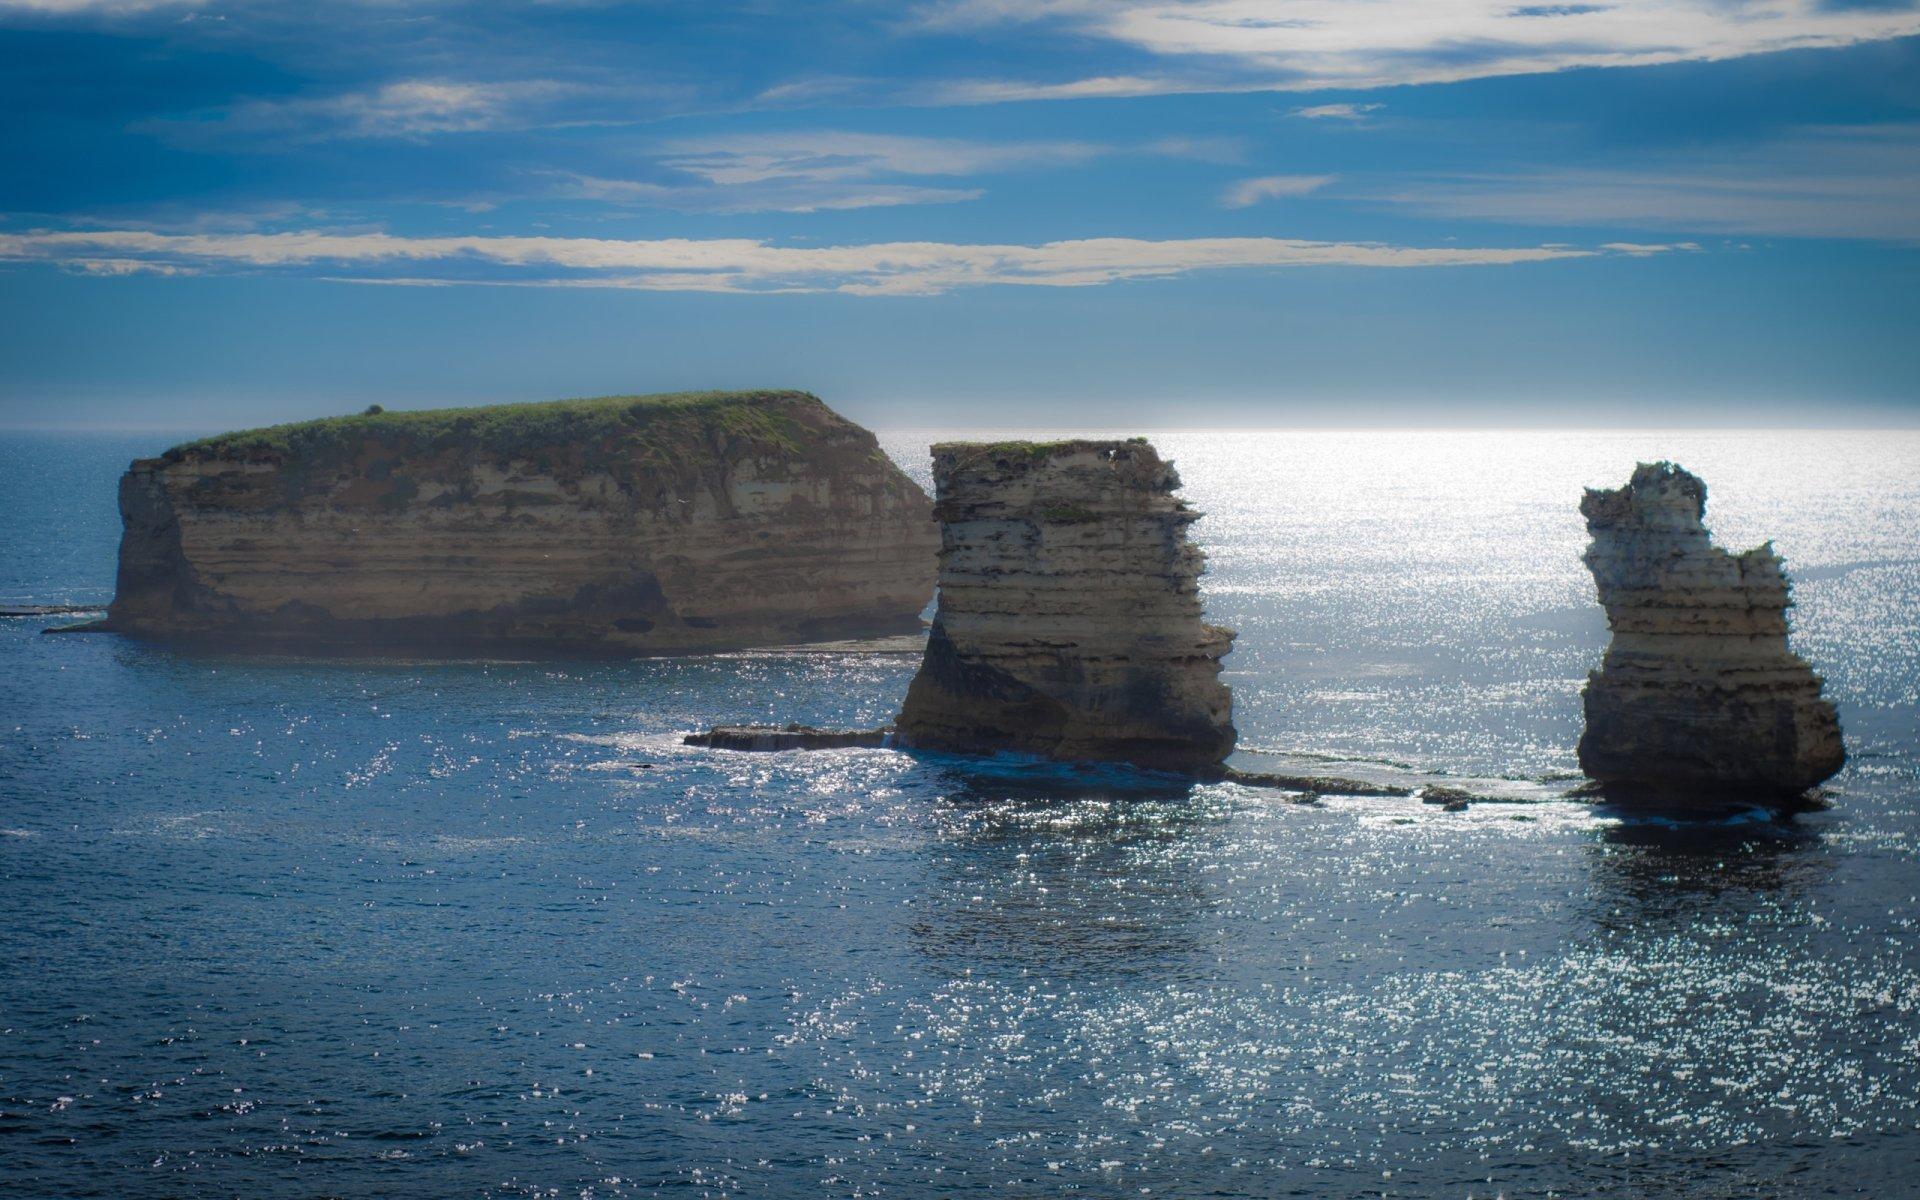 Earth - Island  Australia Rock Ocean Wallpaper